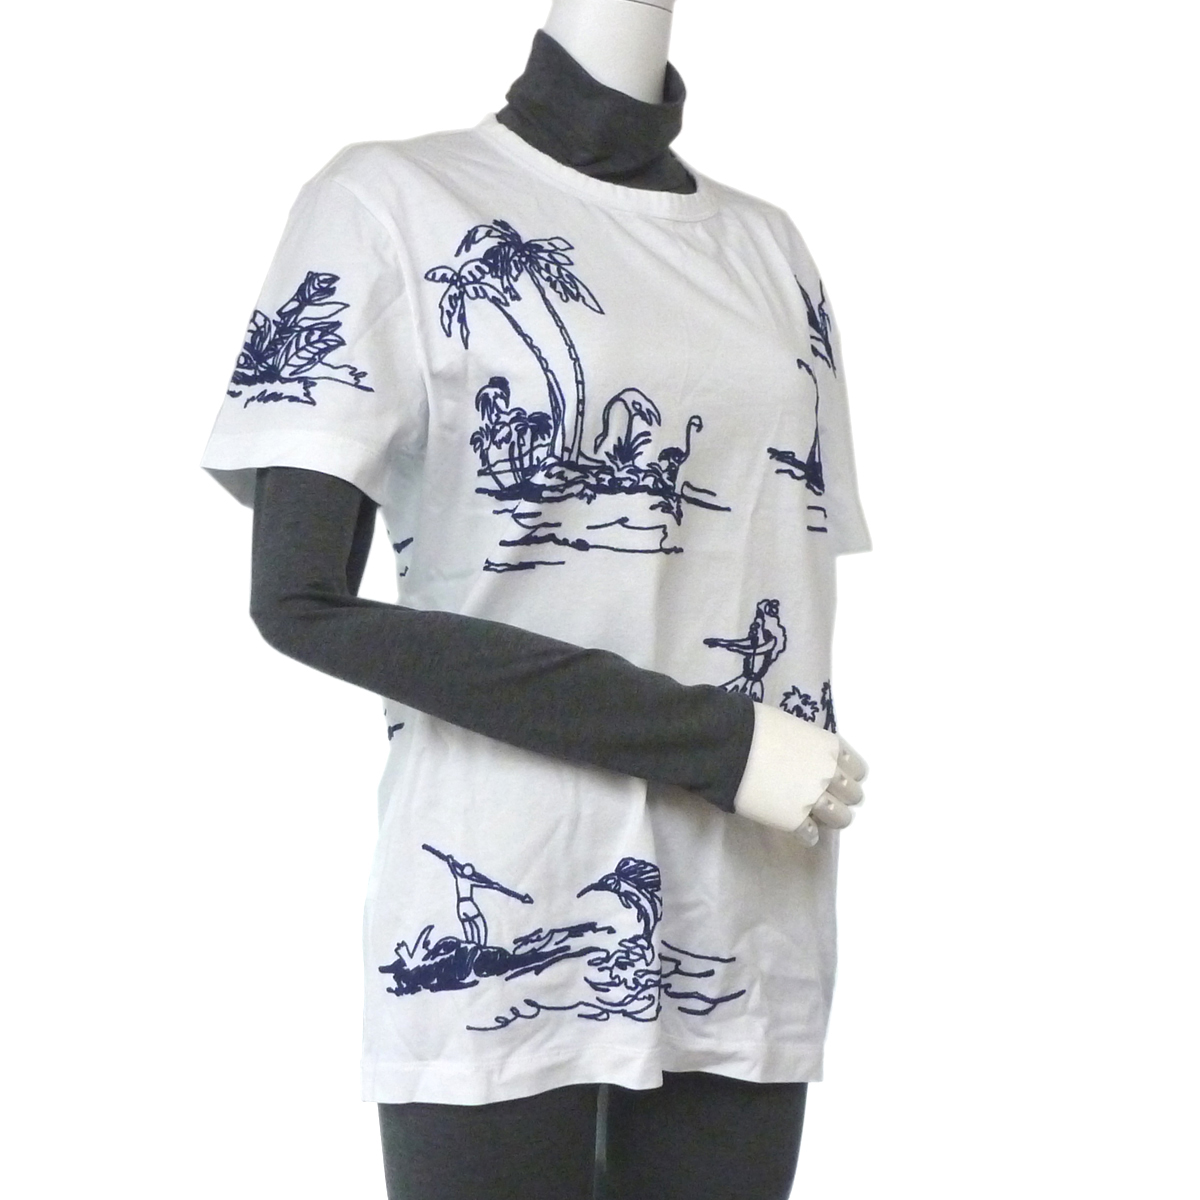 [飯能本店]MONCLER モンクレール C1 091 8035151 Tシャツ #M コットン ホワイト 白色 ネイビー紺色 DH46636【大黒屋質店出品】【中古】【送料無料】